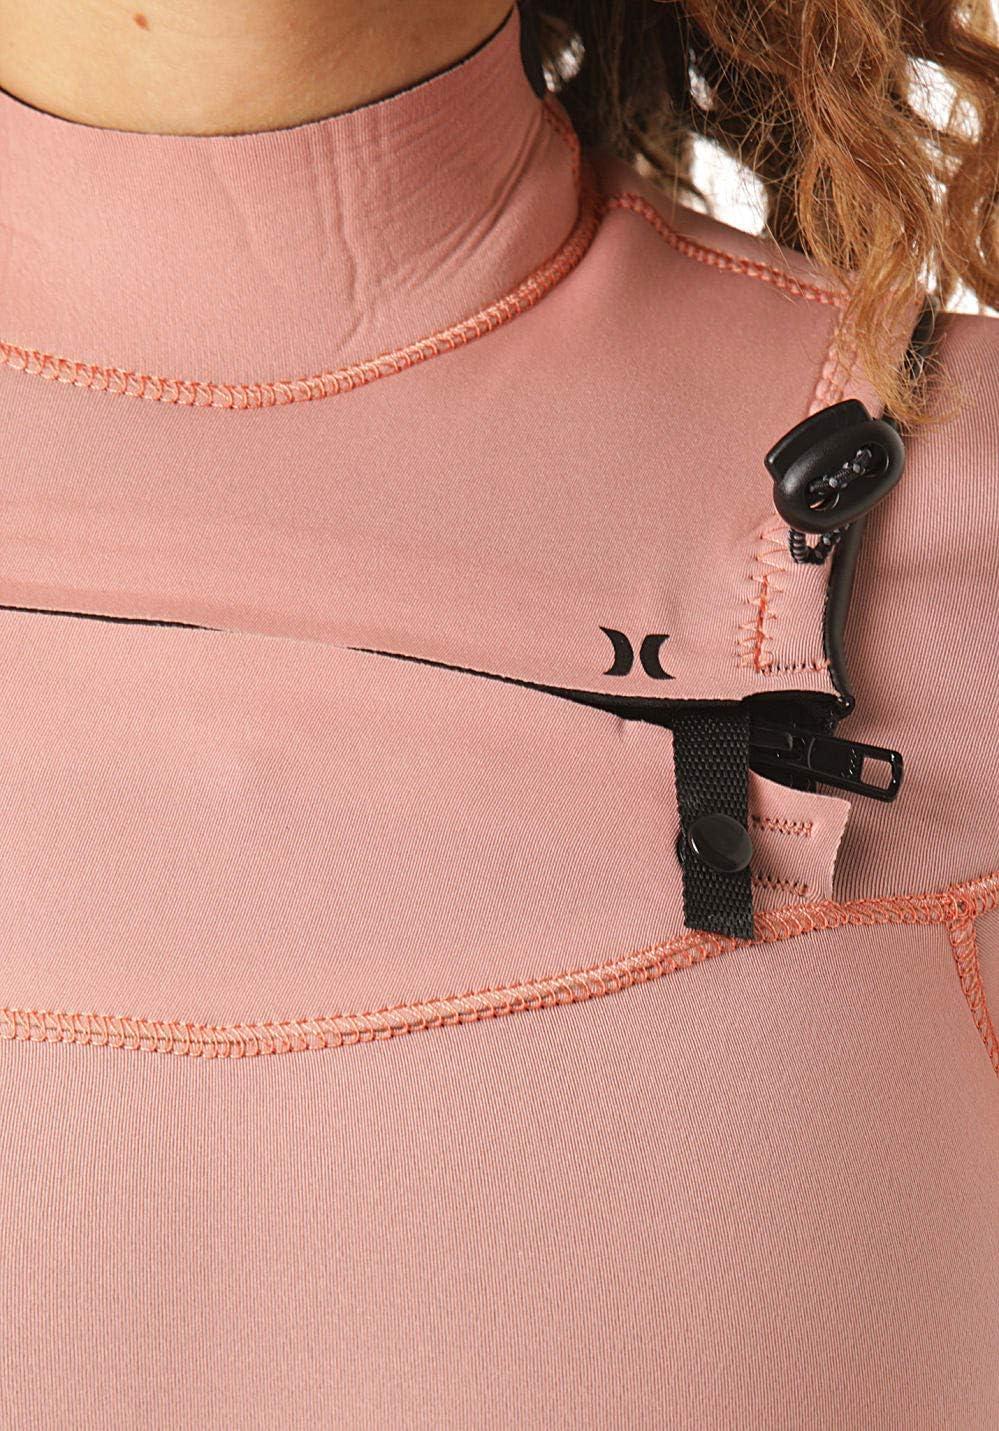 Pink Tint Hurley W Advantage Plus Fullsuit 4//3 Wetsuit Mens 4